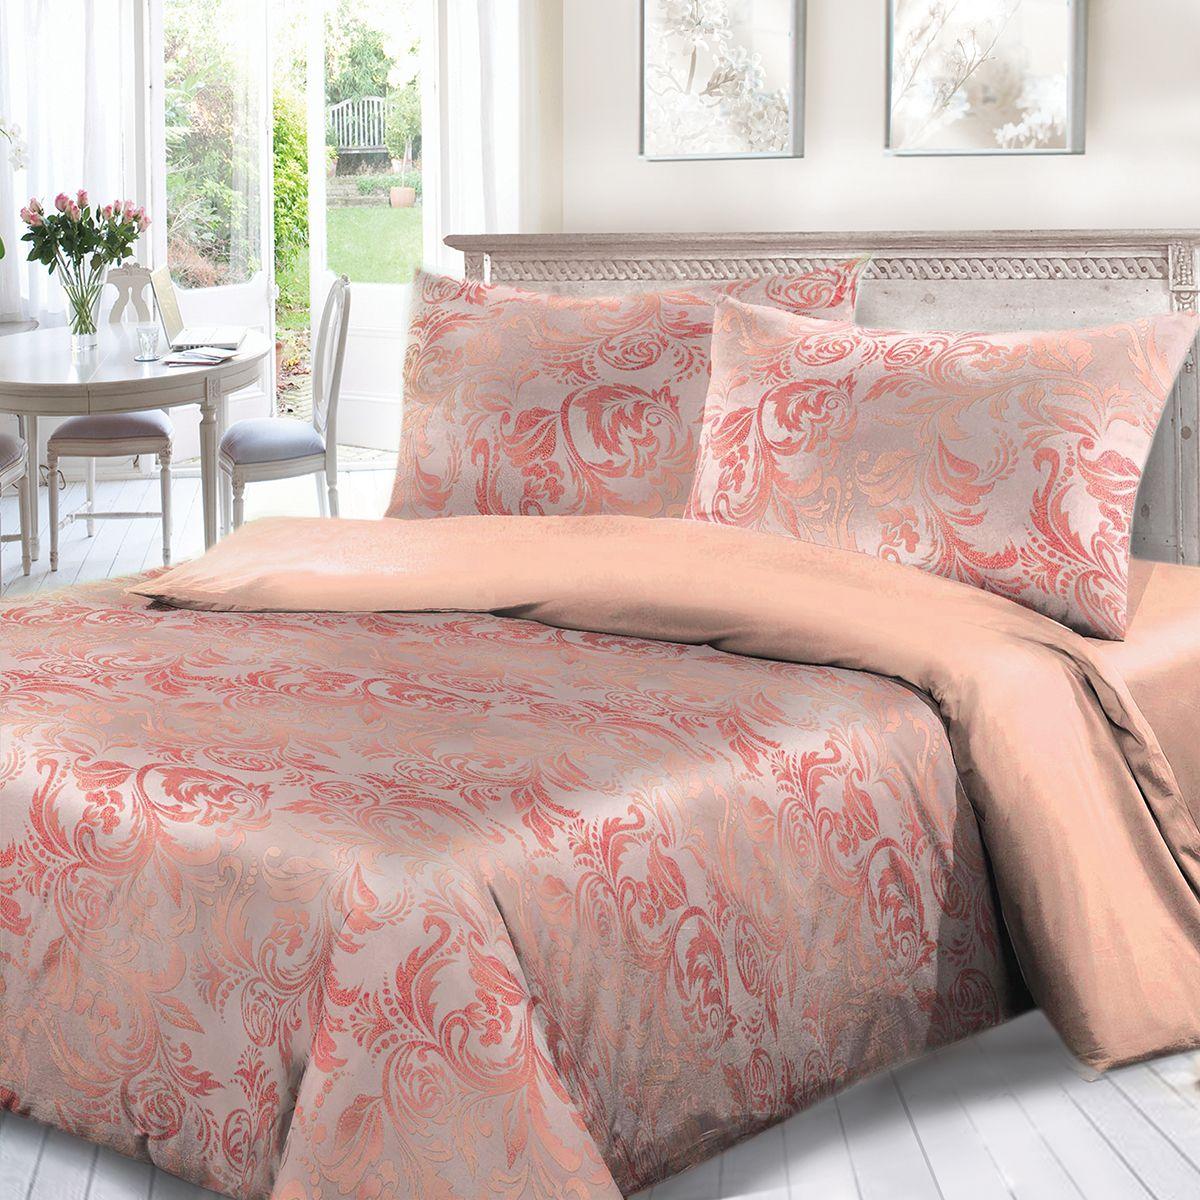 Комплект белья Сорренто Мажор, евро, наволочки 70x70, цвет: розовый. 3963-180278